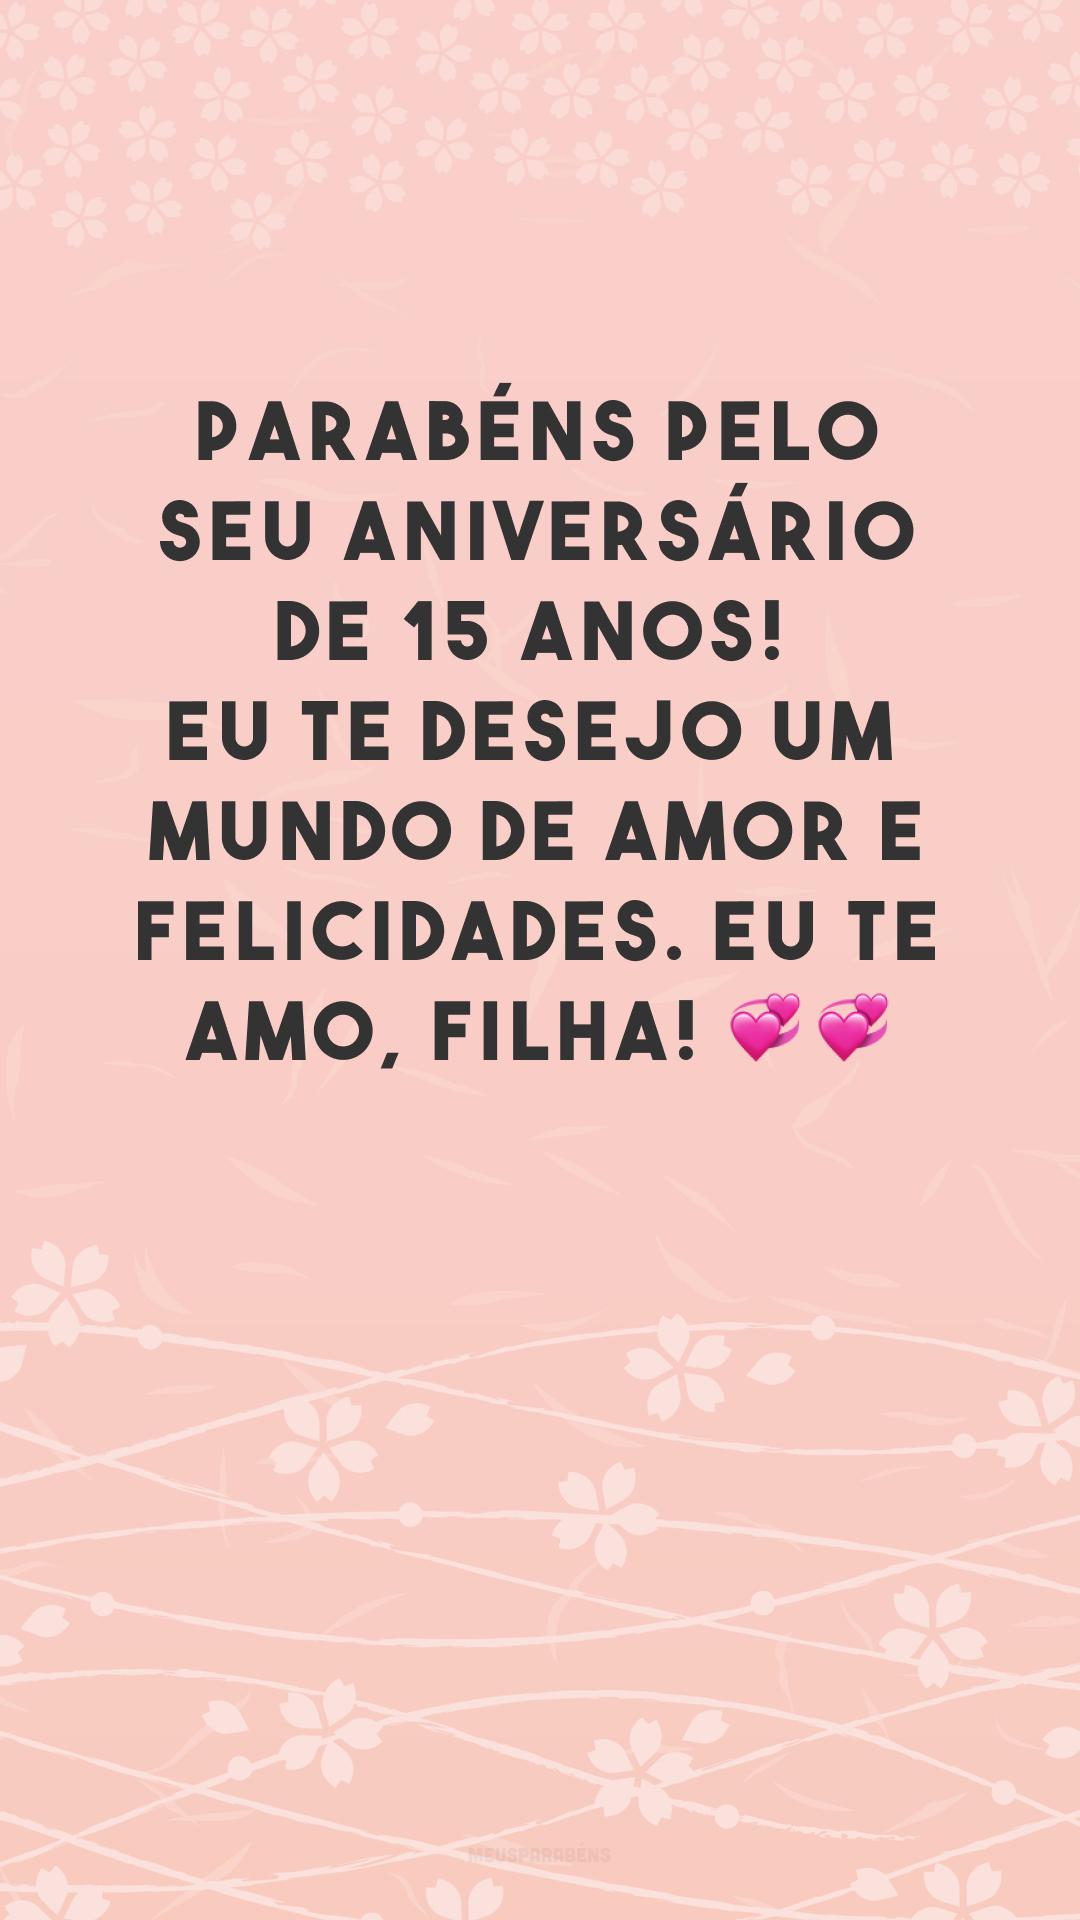 Parabéns pelo seu aniversário de 15 anos! Eu te desejo um mundo de amor e felicidades. Eu te amo, filha! 💞💞